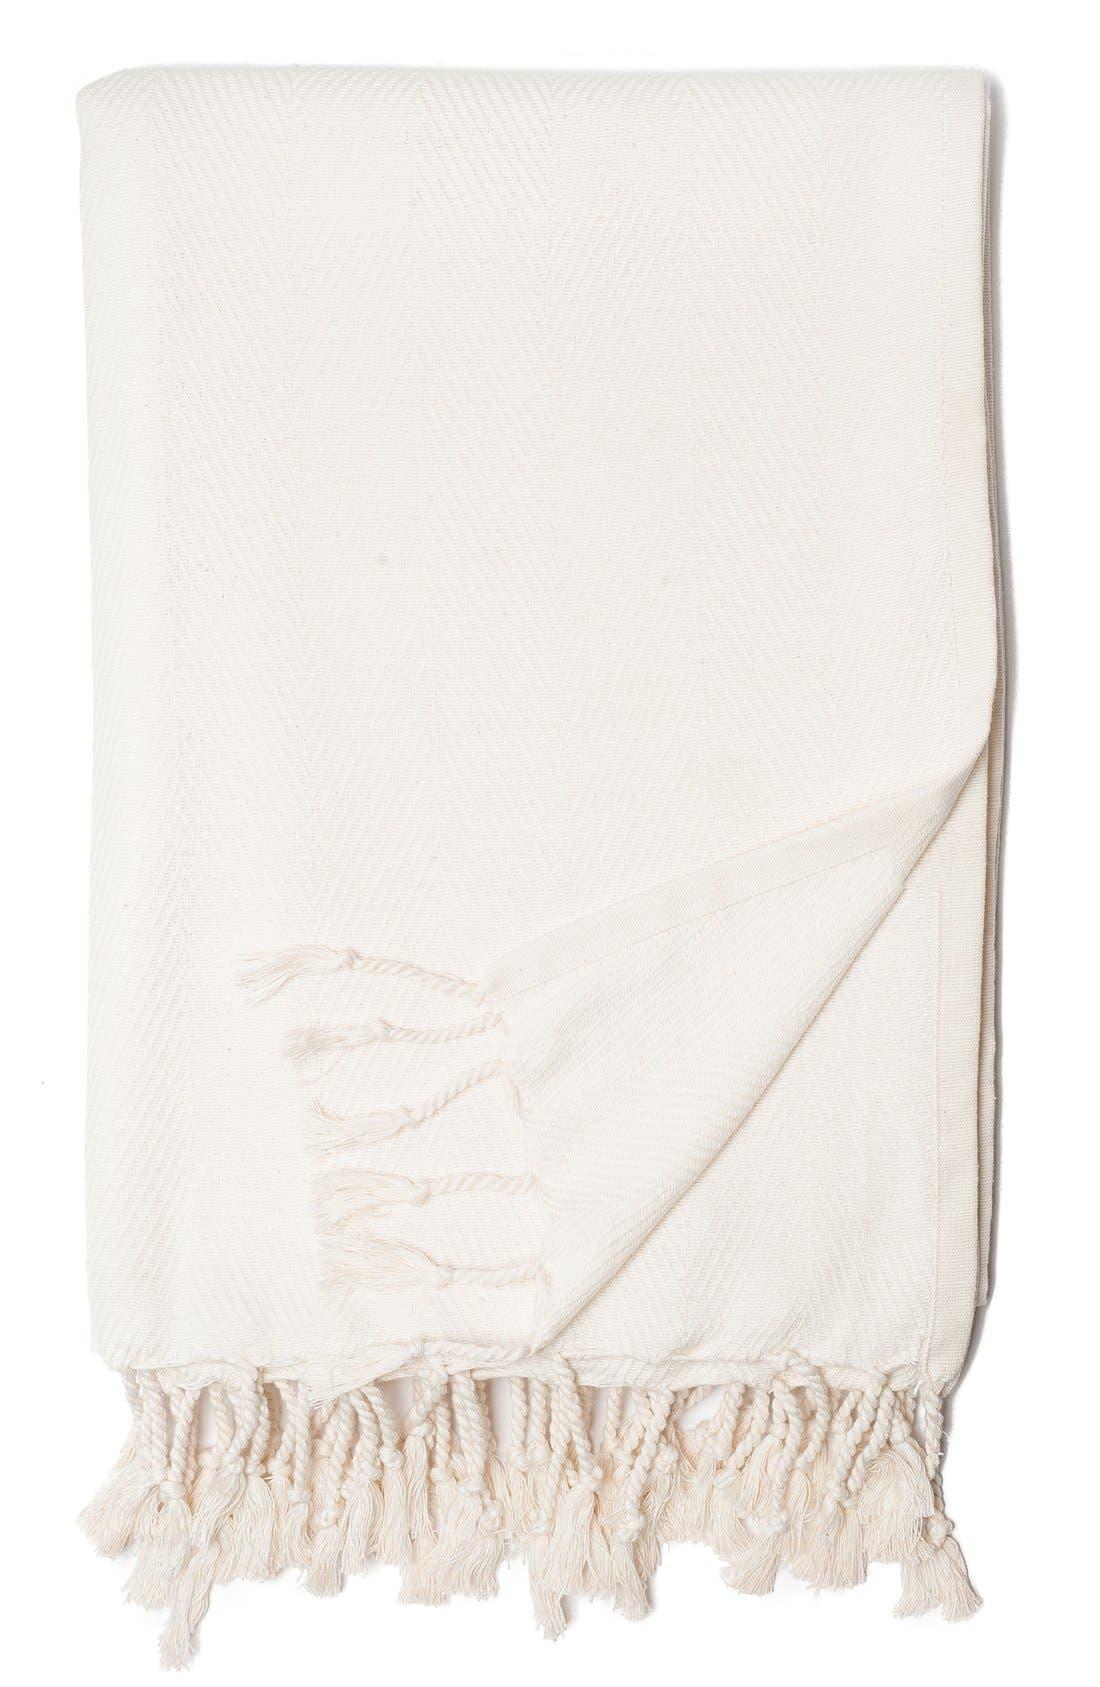 Organic Cotton Throw,                             Main thumbnail 1, color,                             White